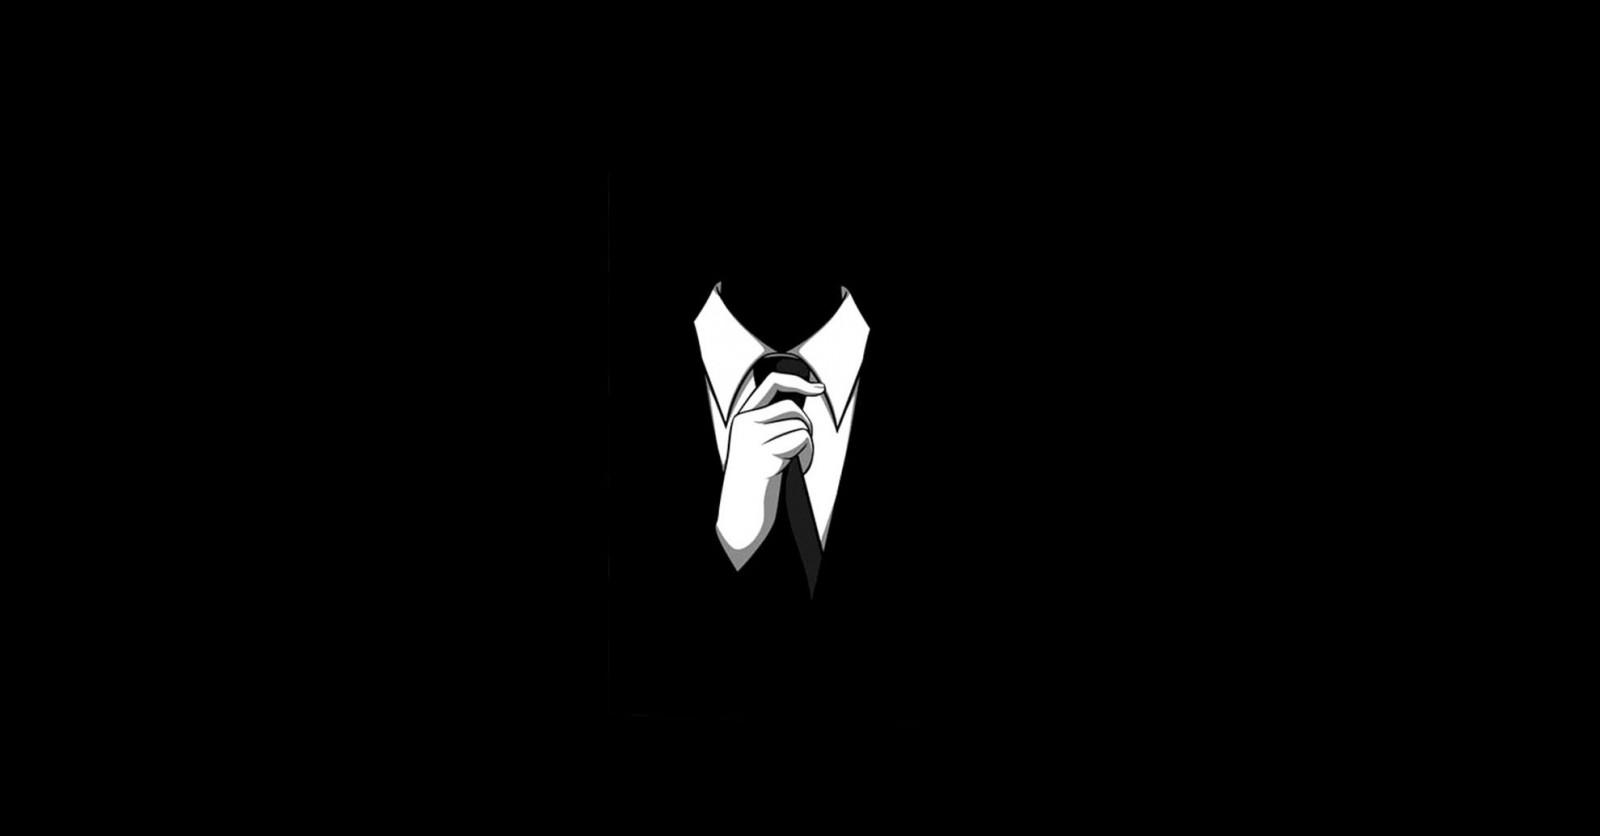 hintergrundbilder schwarz illustration einfarbig logo dunkelheit fl gel grafik computer. Black Bedroom Furniture Sets. Home Design Ideas